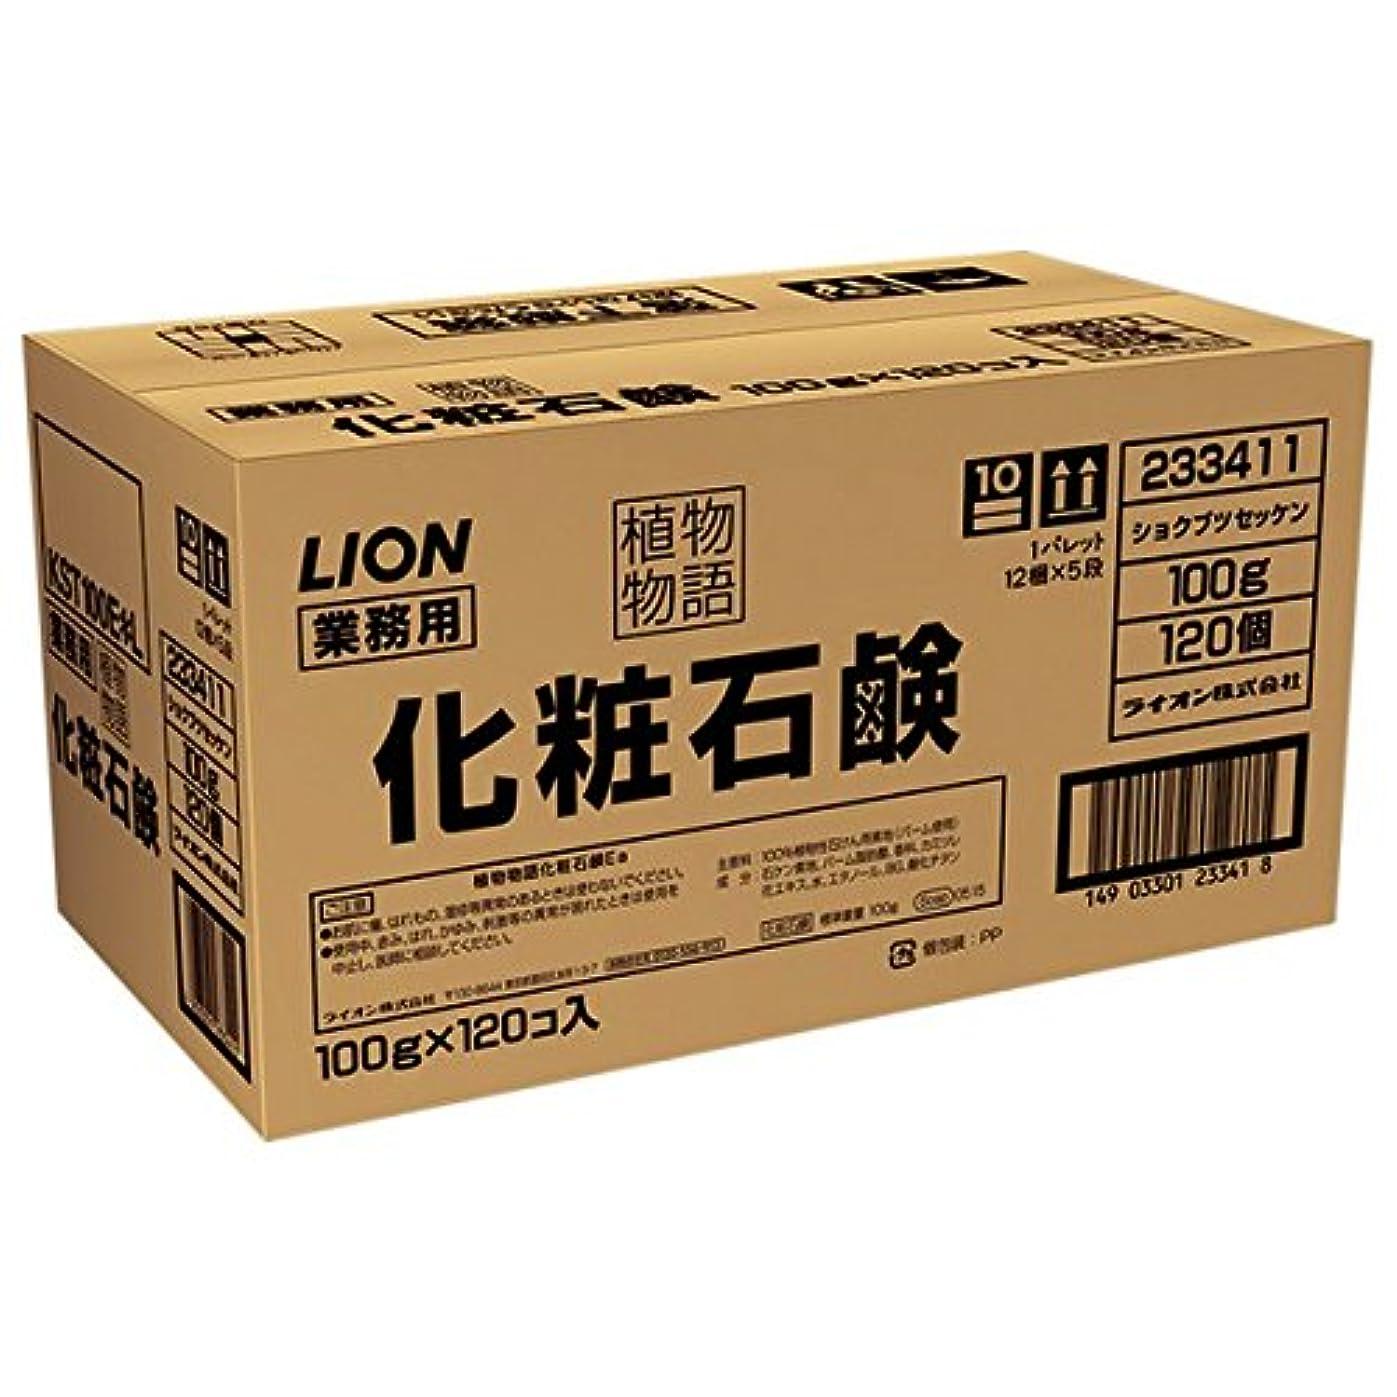 導入する胴体と闘うライオン 植物物語 化粧石鹸 業務用 100g 1箱(120個)